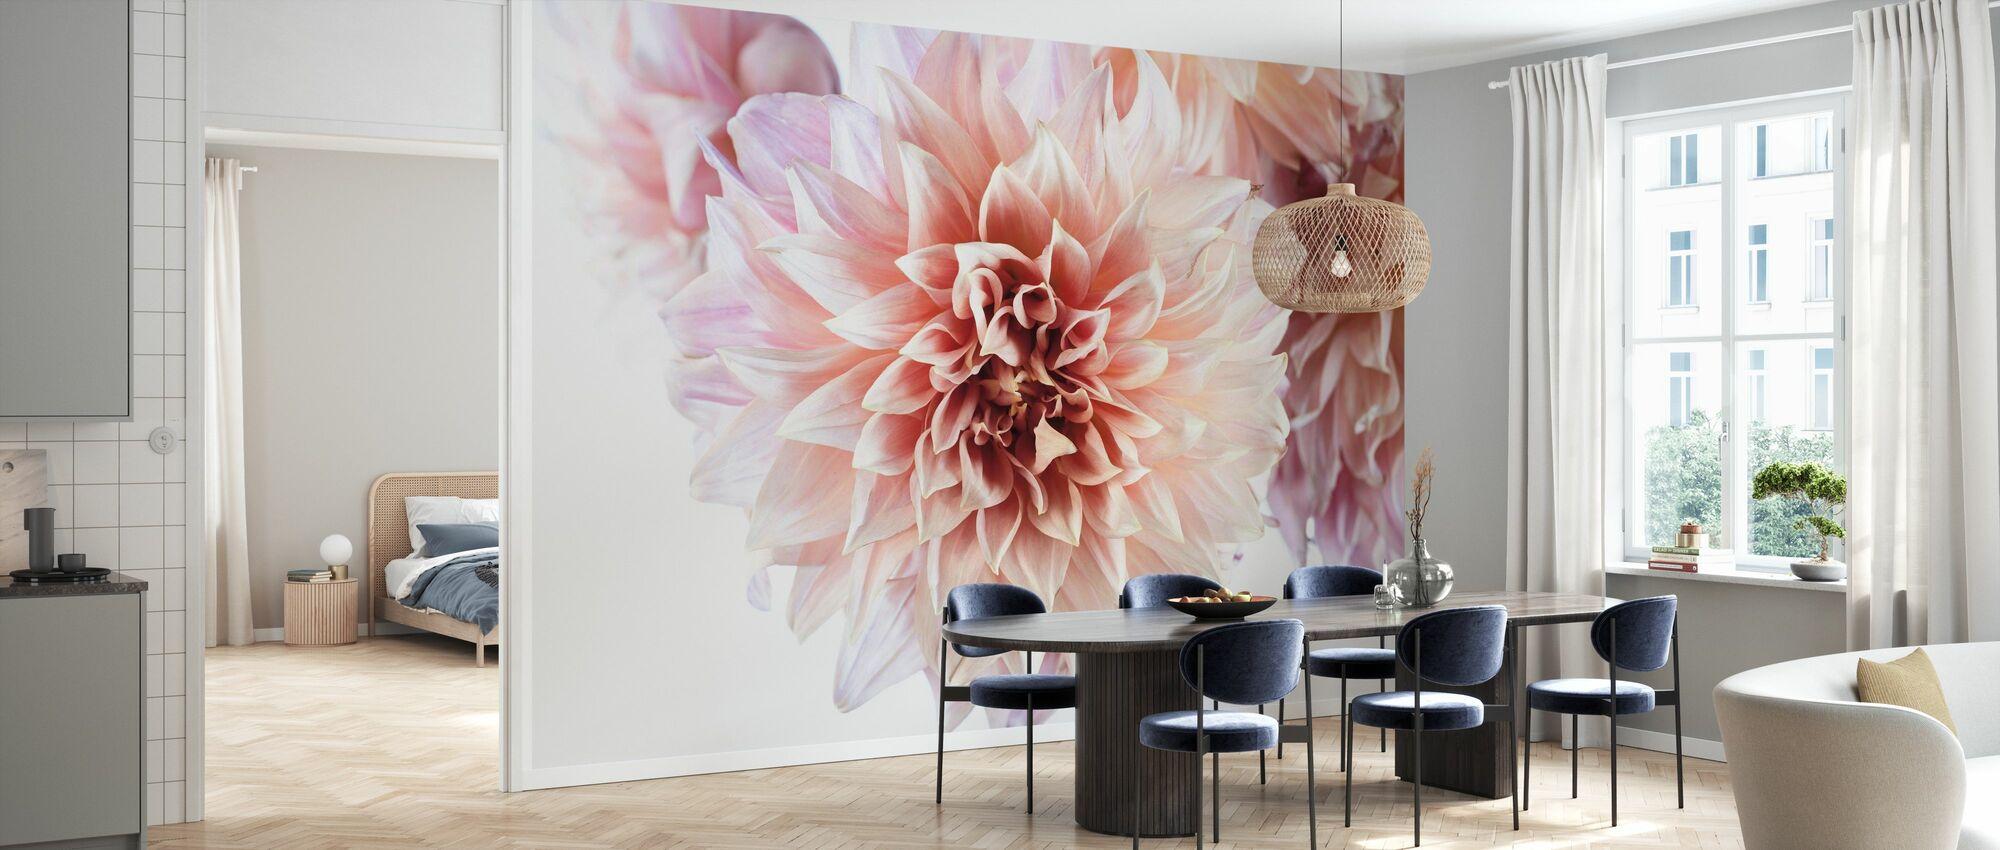 Peach Dahlias Light - Wallpaper - Kitchen